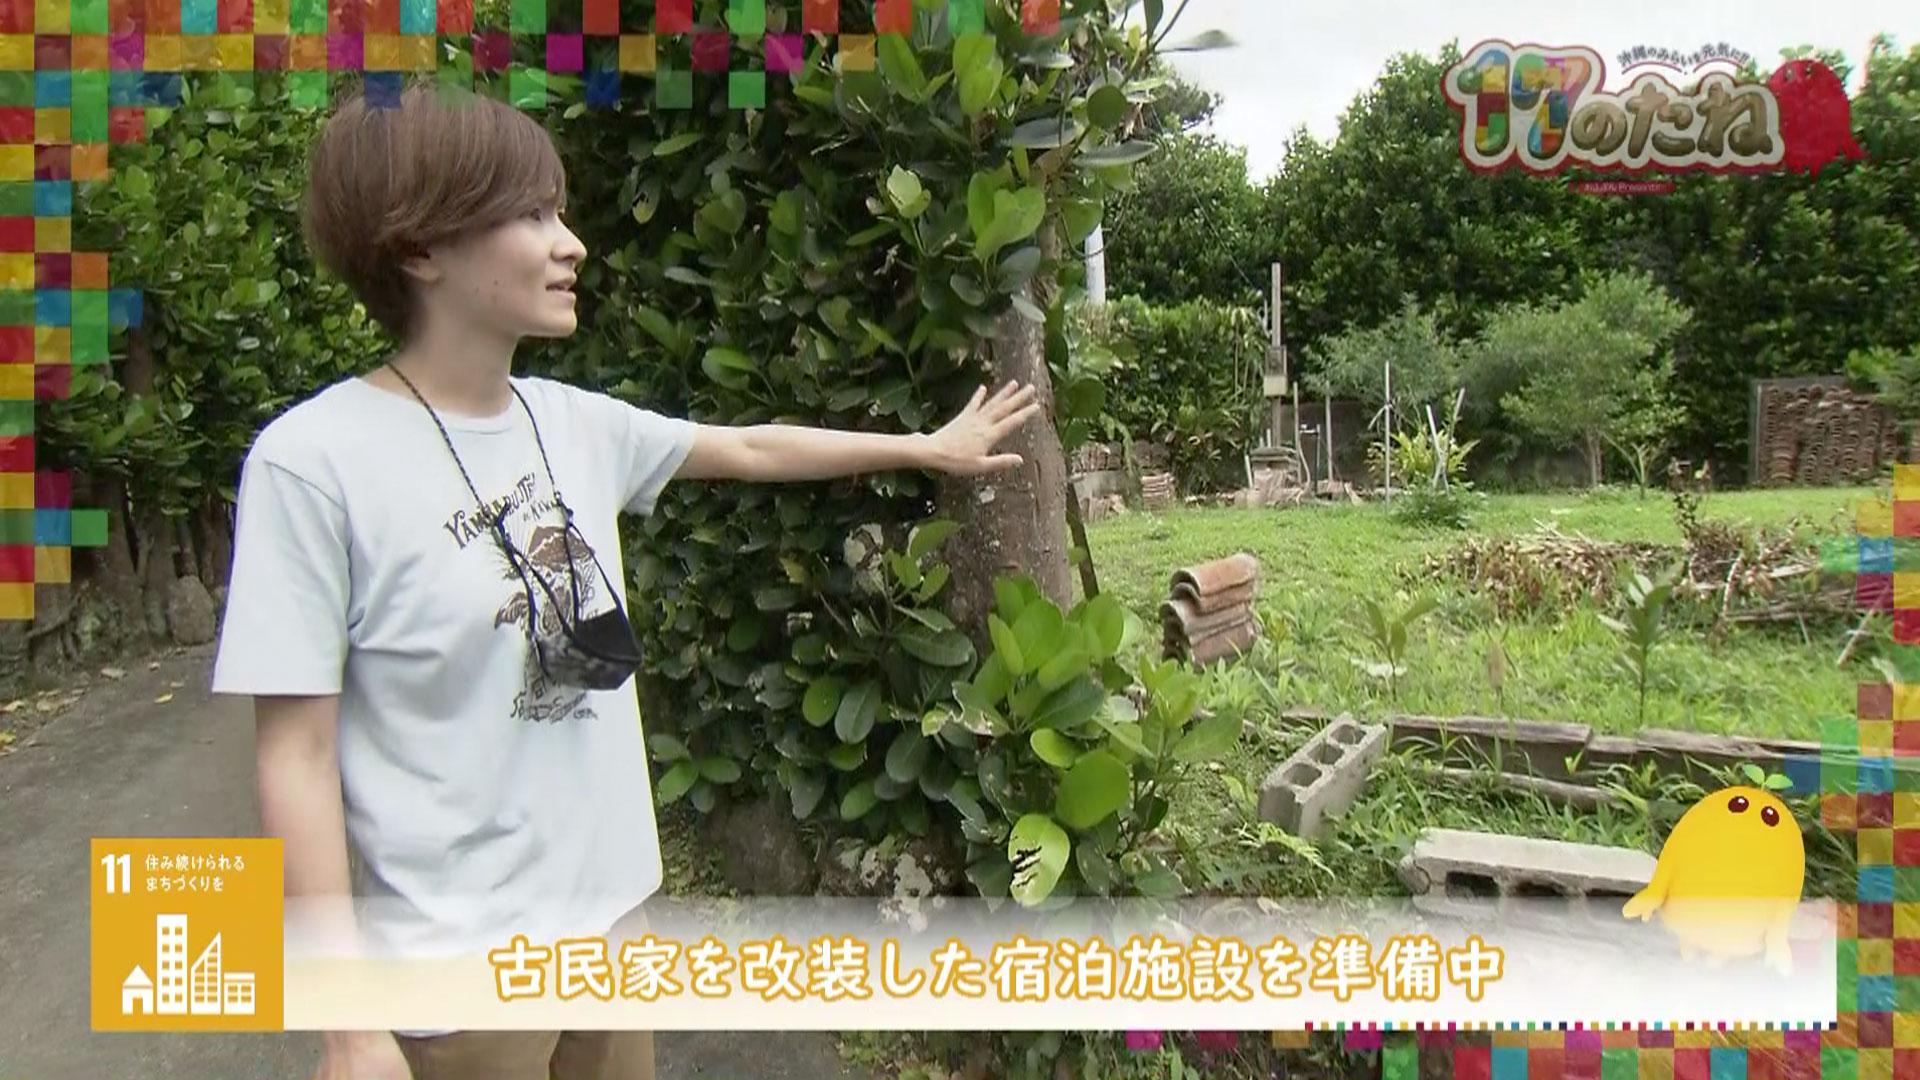 「Endemic Garden H」6月1日放送